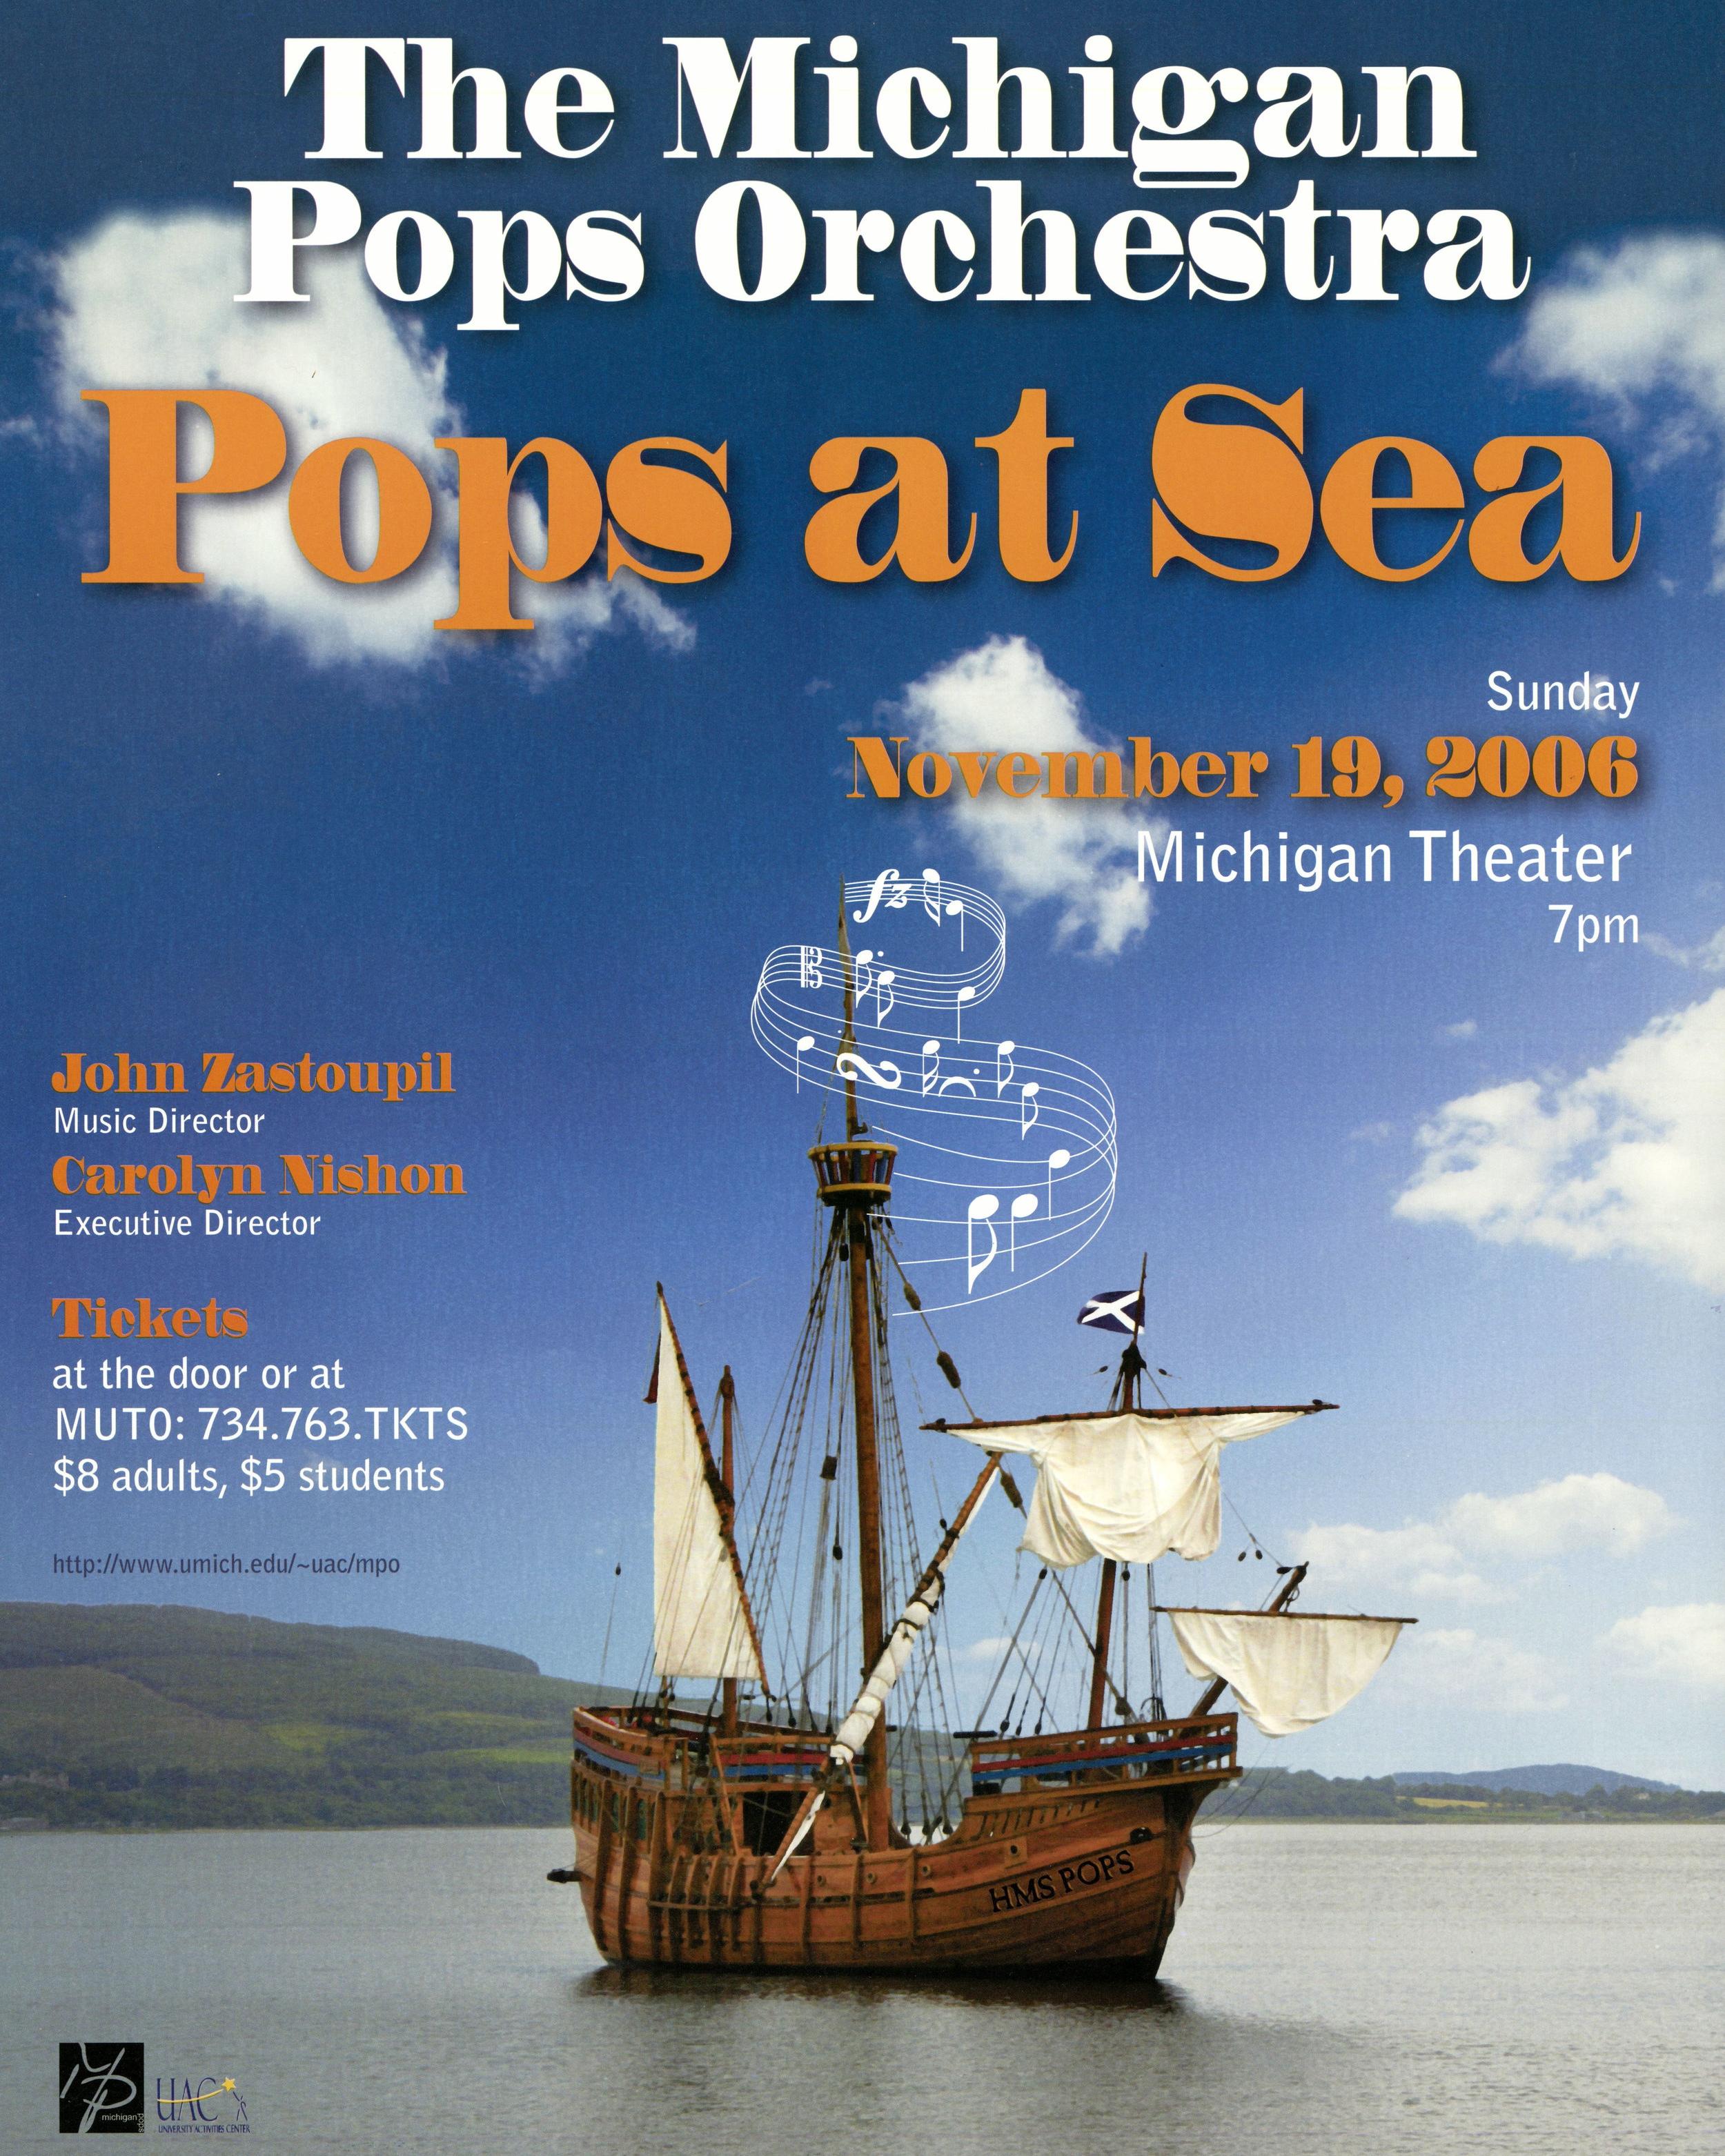 POPS AT SEA  November 19, 2006